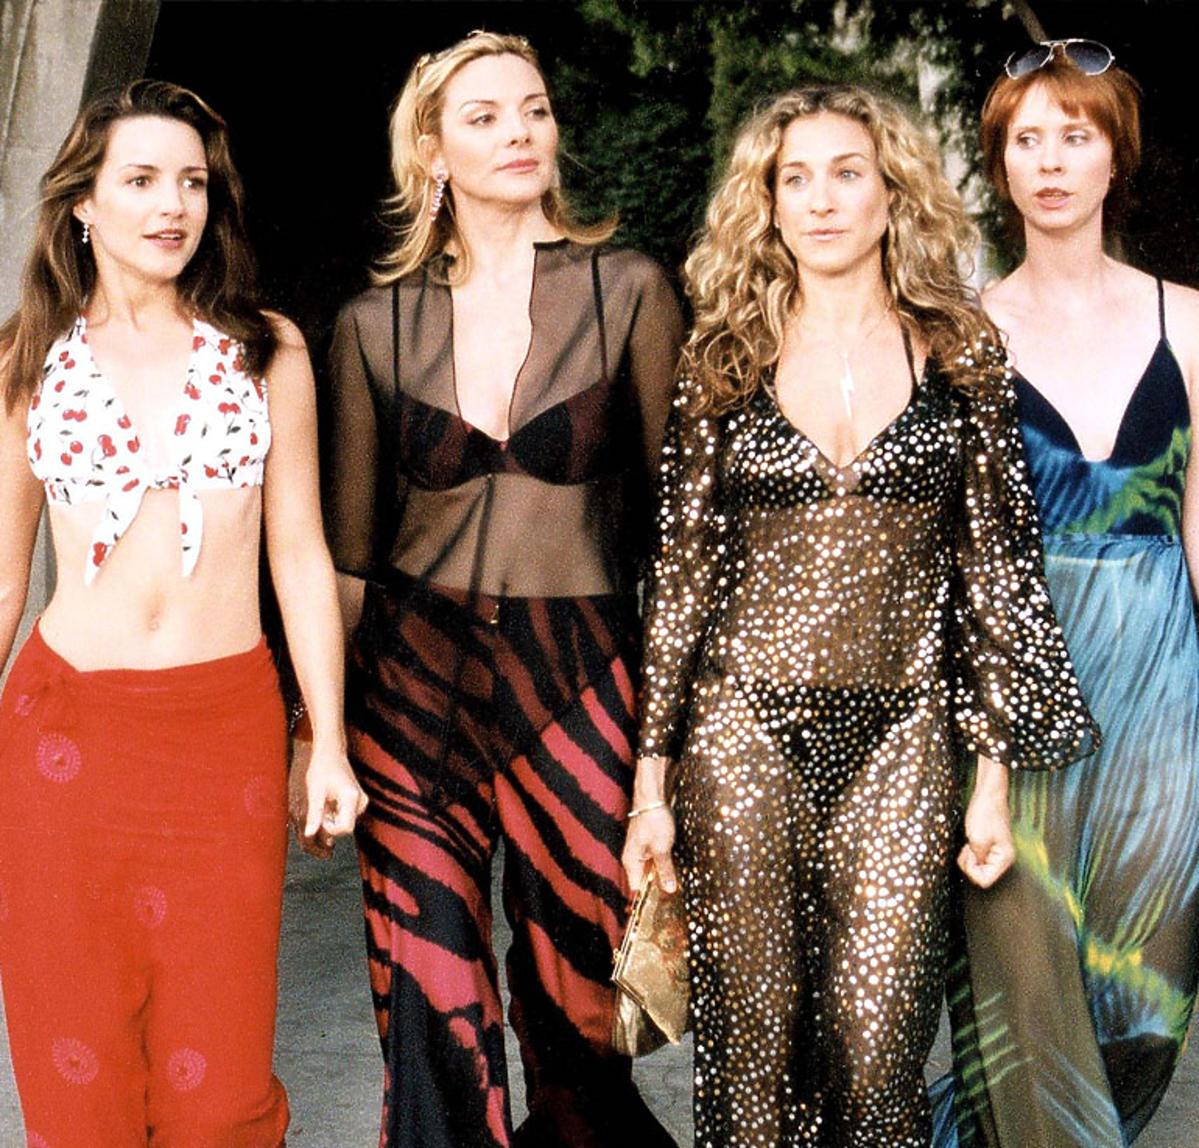 Seks w wielkim mieście - Carrie Bradshaw, Miranda Hobbes Brady, Charlotte York McDougal, Samantha Jones